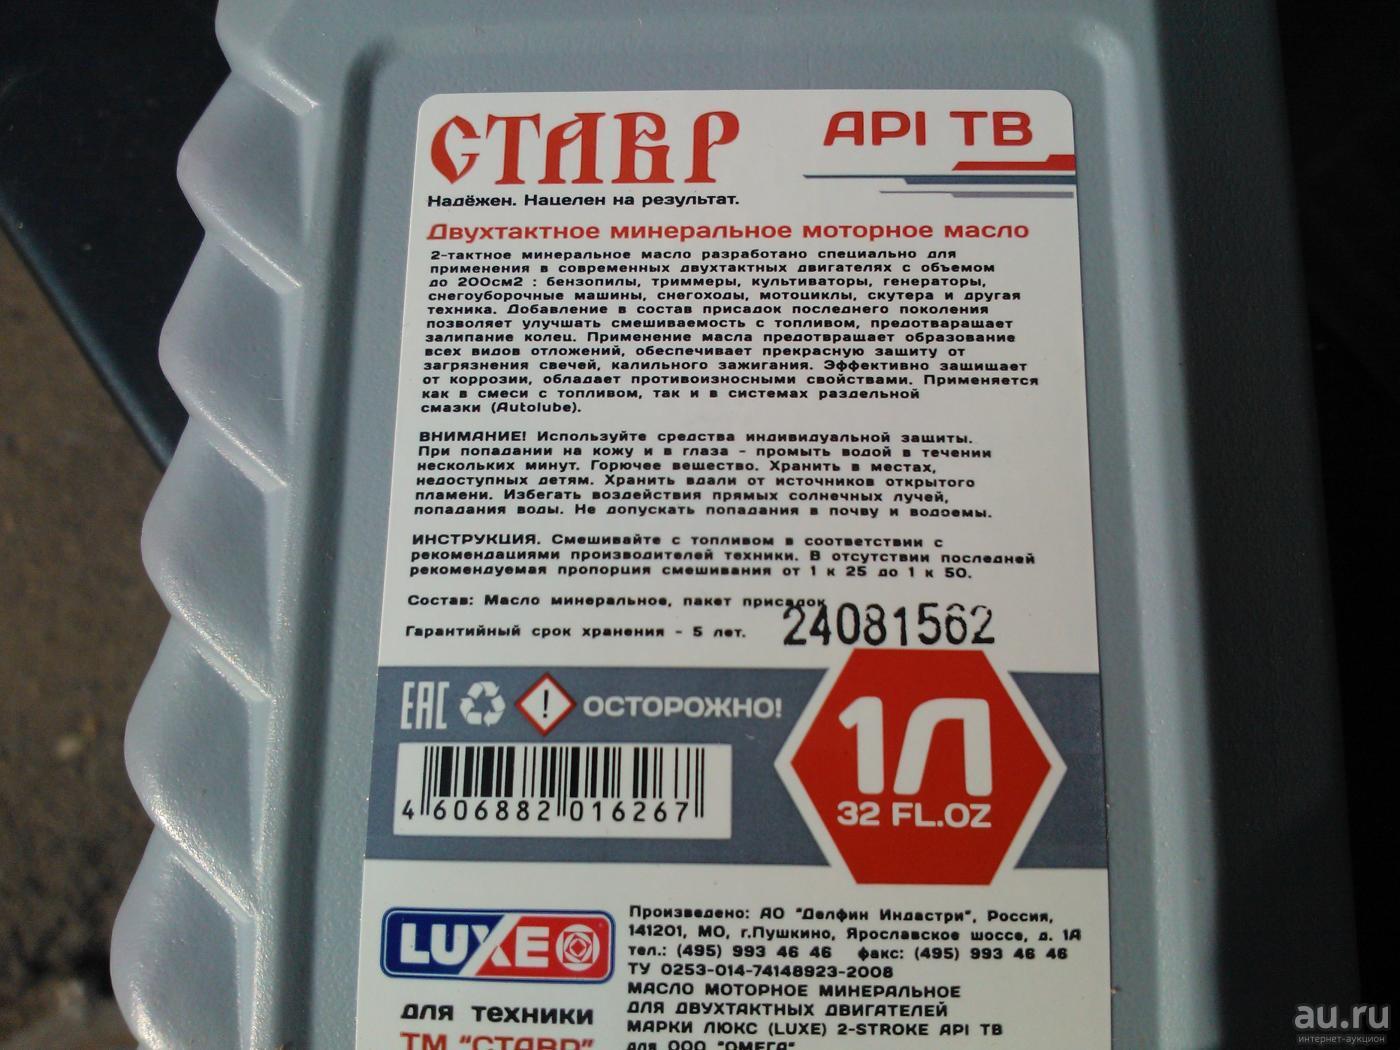 Масло для двухтактного скутера – советы и рекомендации по эксплуатации. Синтетическое или минеральное?